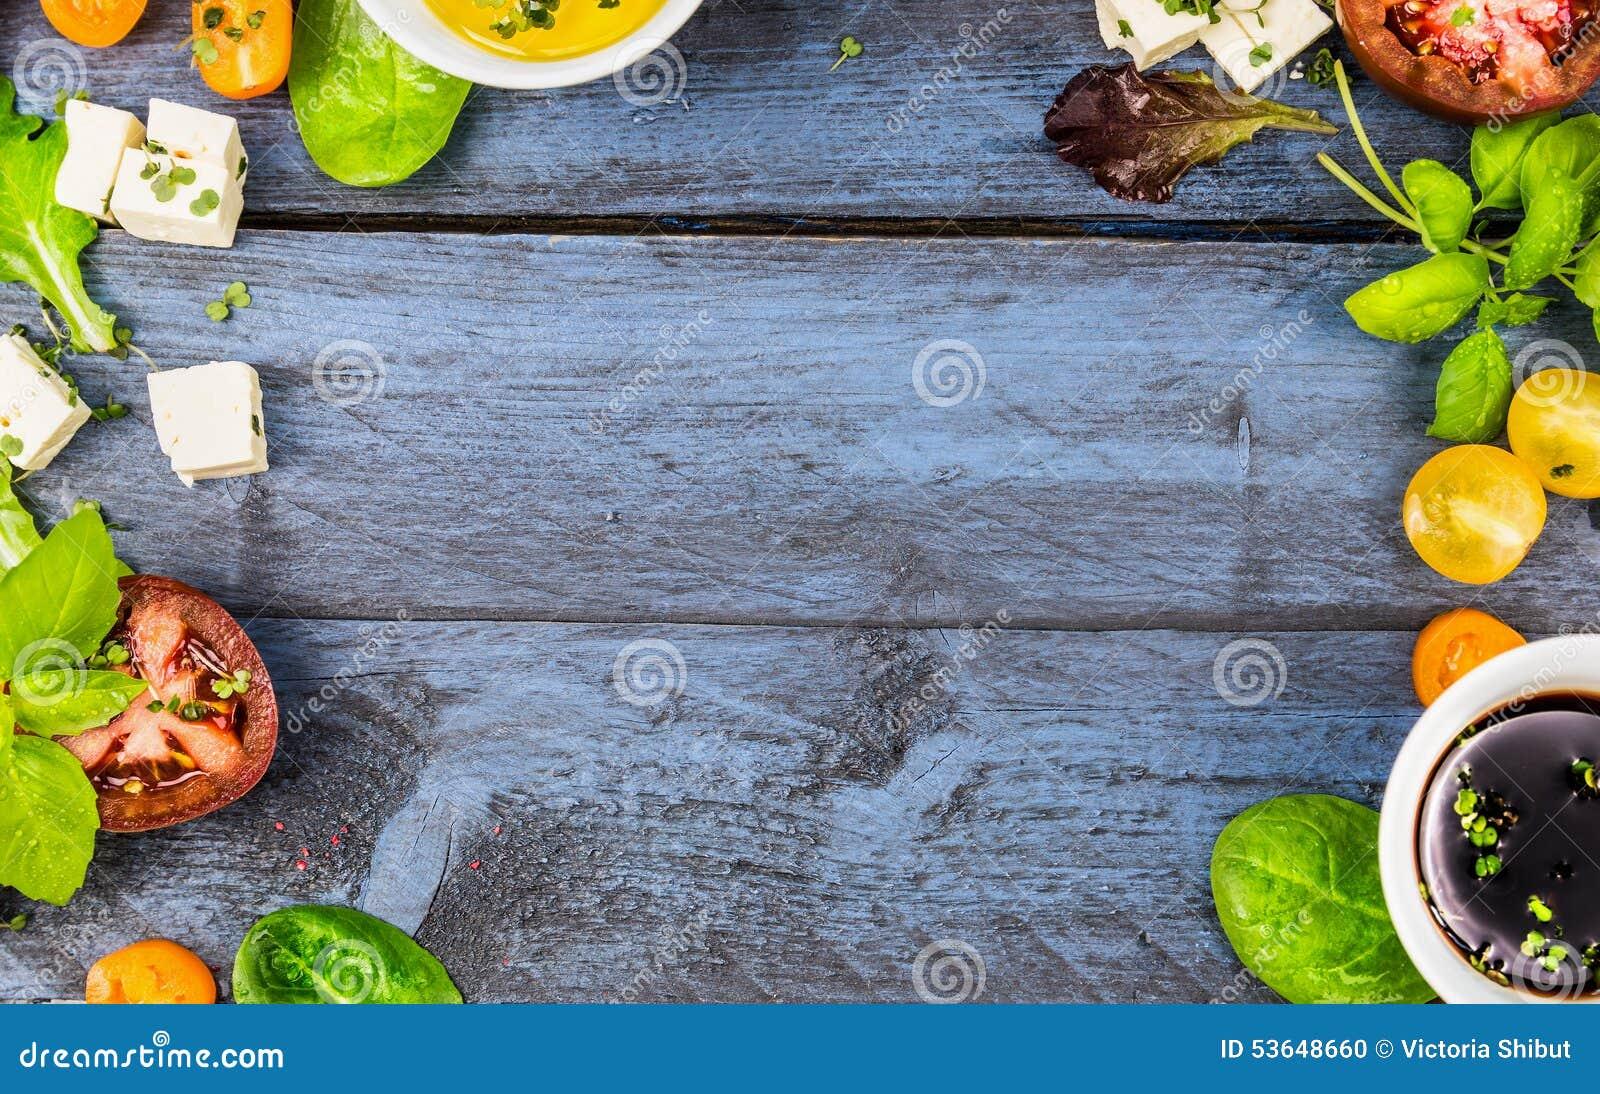 Lebensmittelrahmen mit Salatbestandteilen: Öl, Essig, Tomaten, Basilikum und Käse auf blauem rustikalem hölzernem Hintergrund